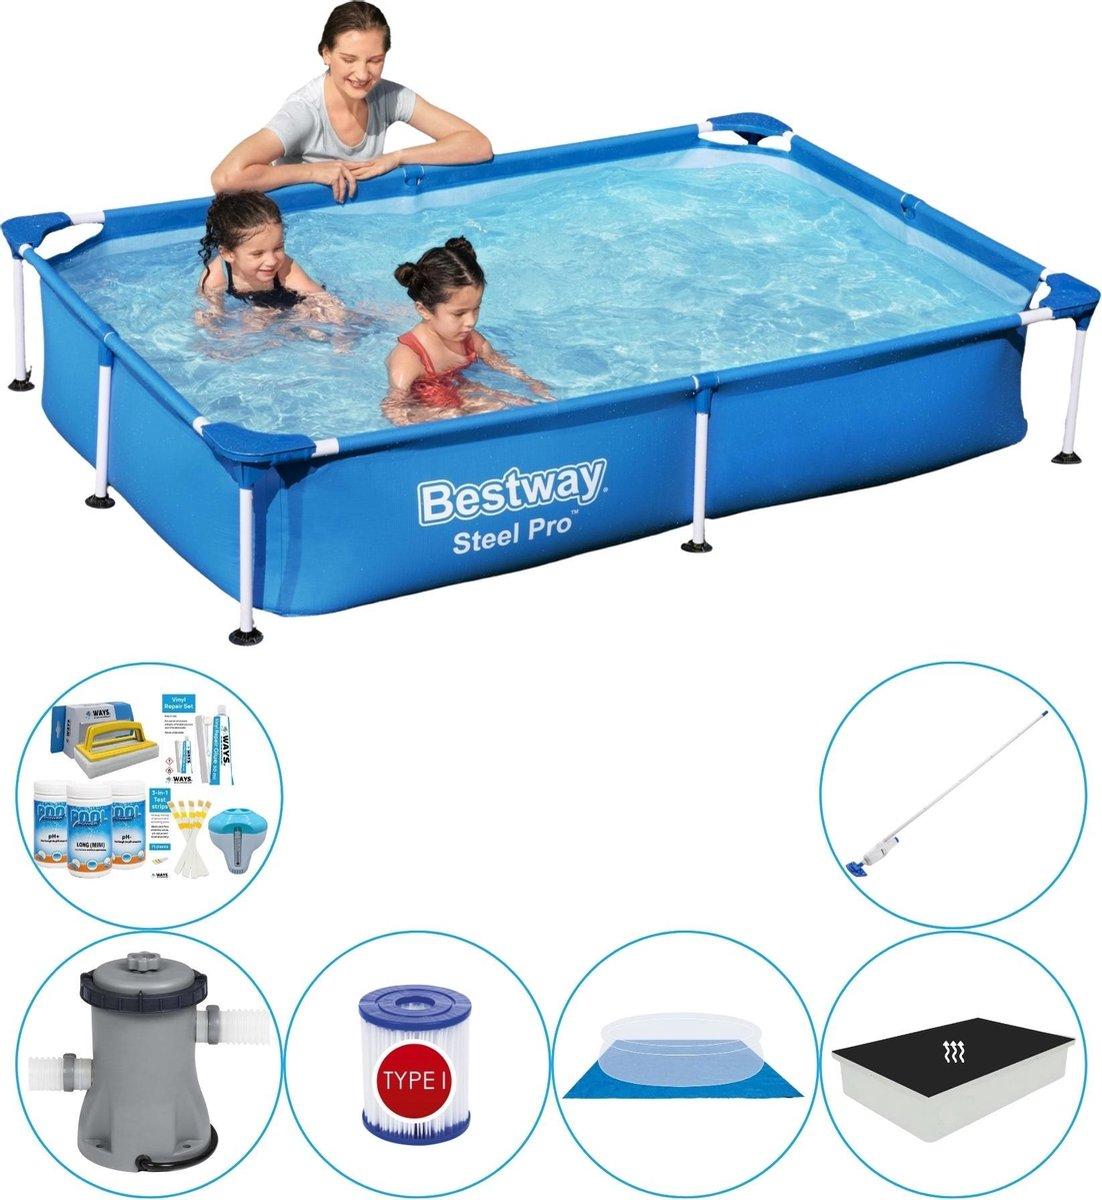 Bestway rechthoekig zwembad - duo set - inclusief passend afdekzeil - 220 x 150 x 43